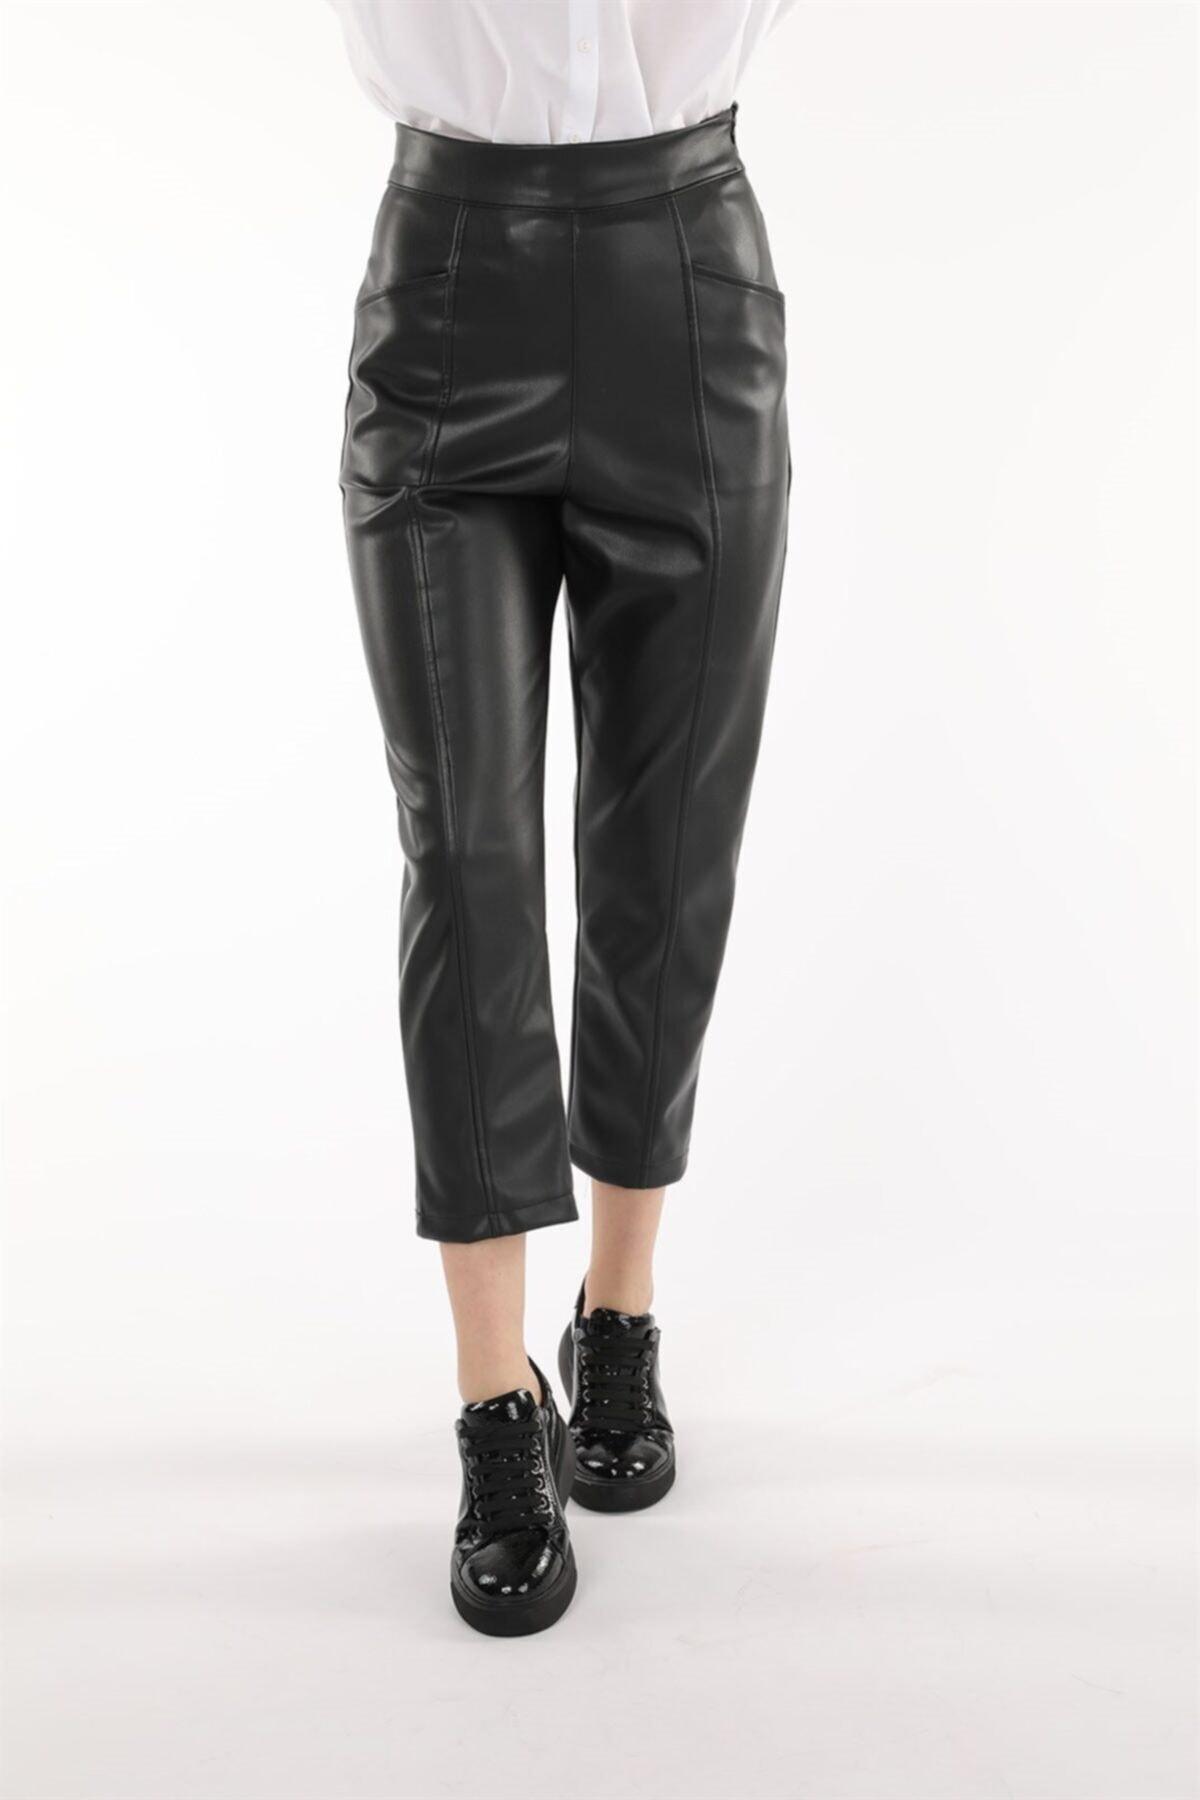 Oblavion Kadın  Siyah Deri Pantolon 2